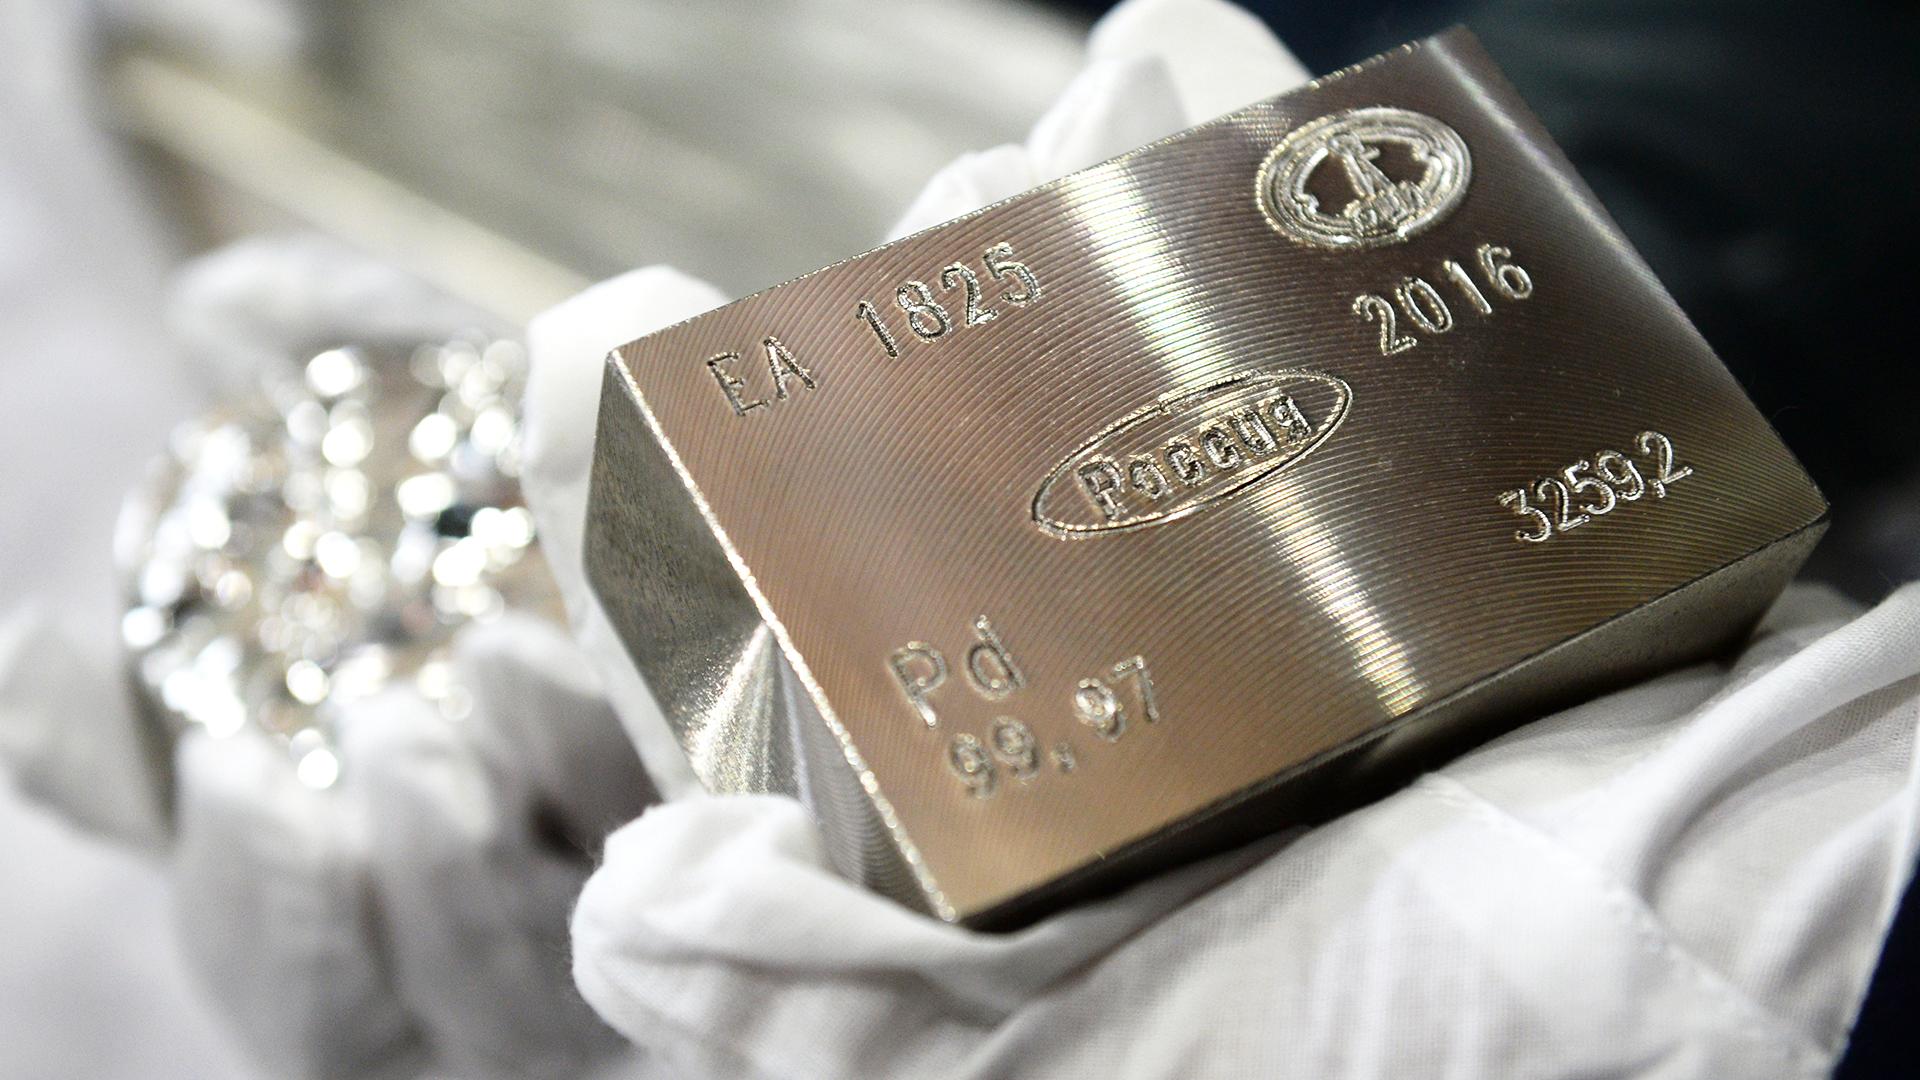 Ценные металлы в катализаторе